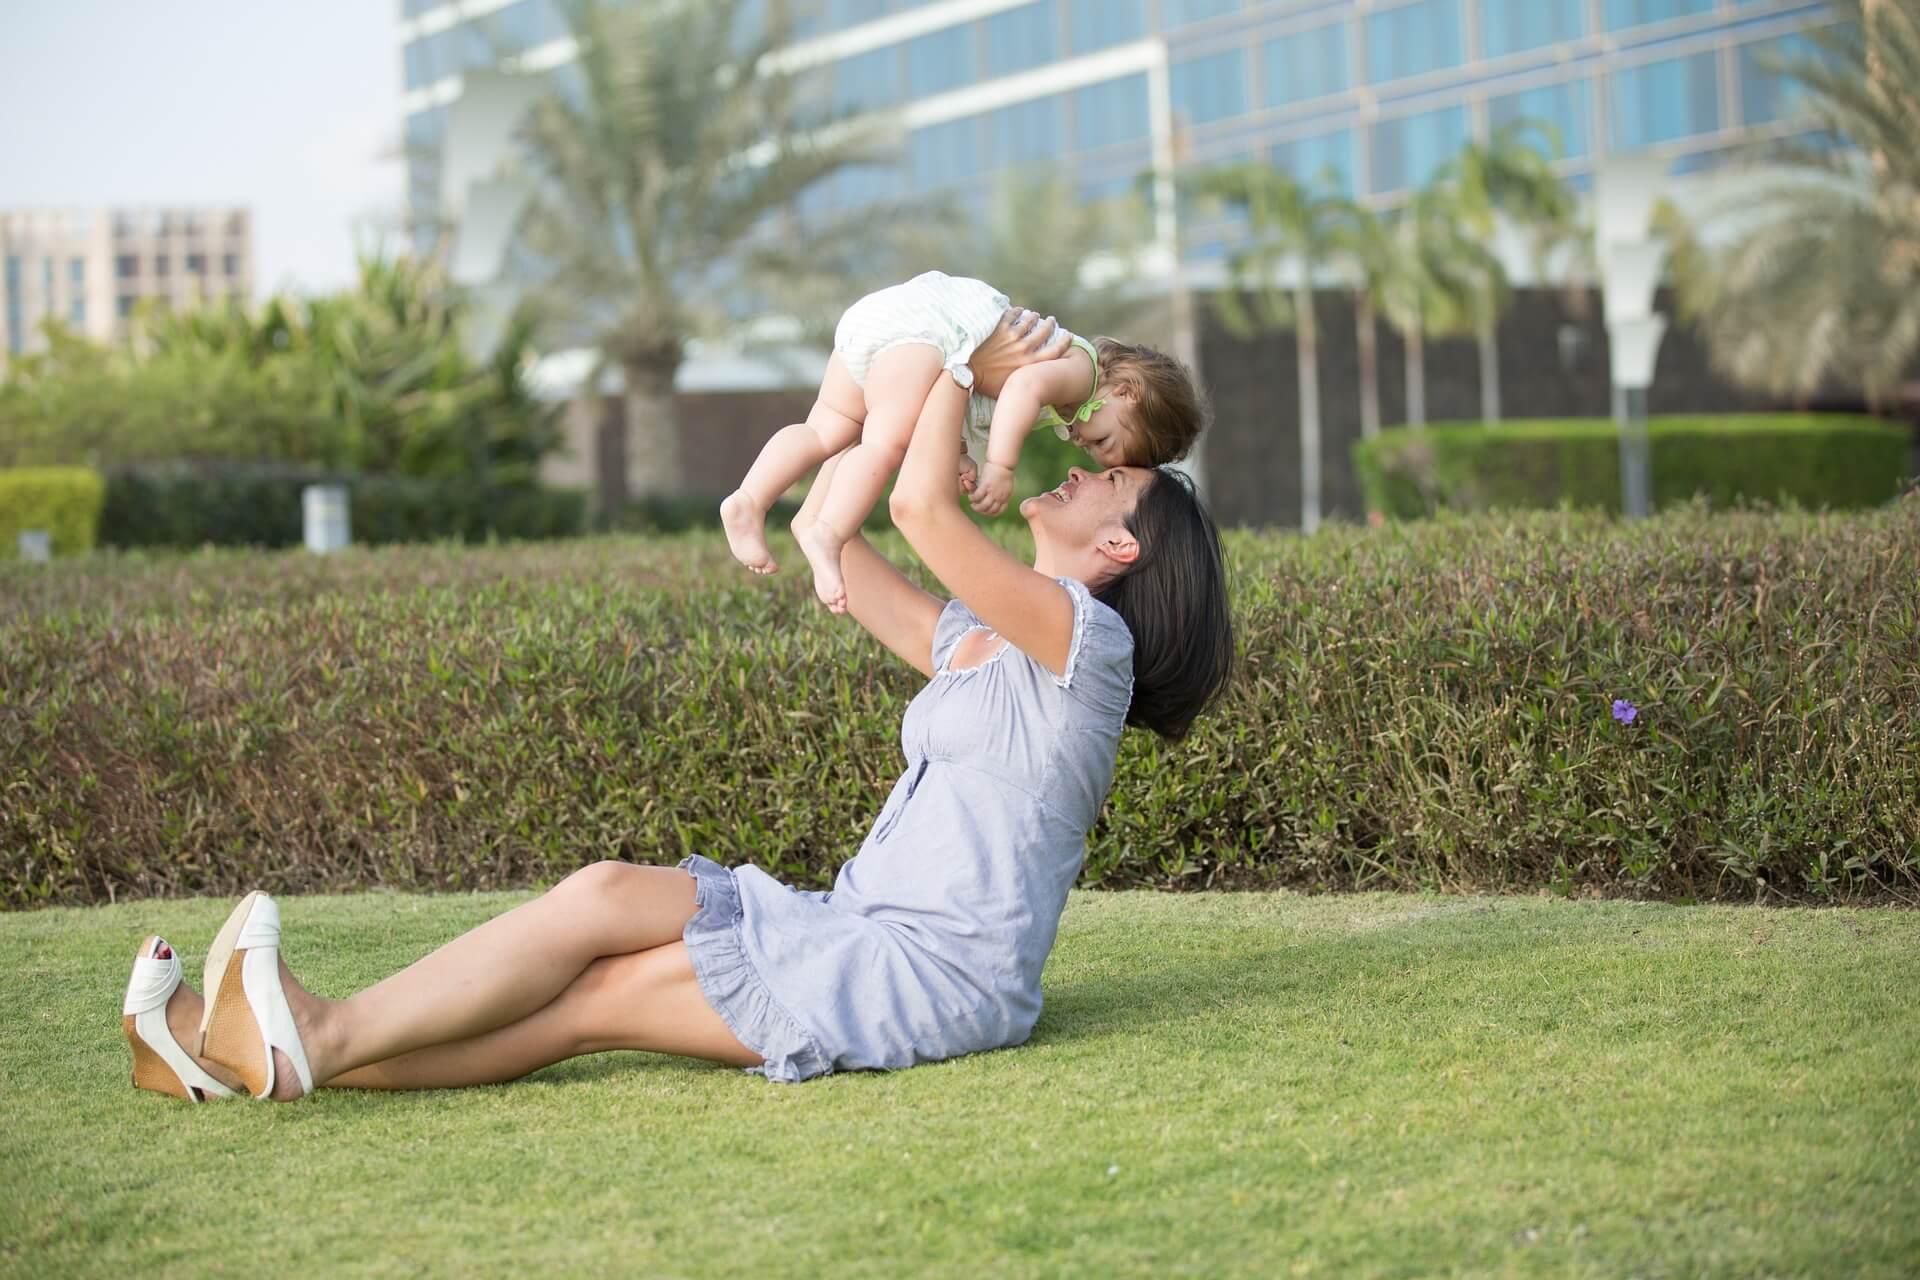 Der erste Geburtstag - Mutter mit Kind